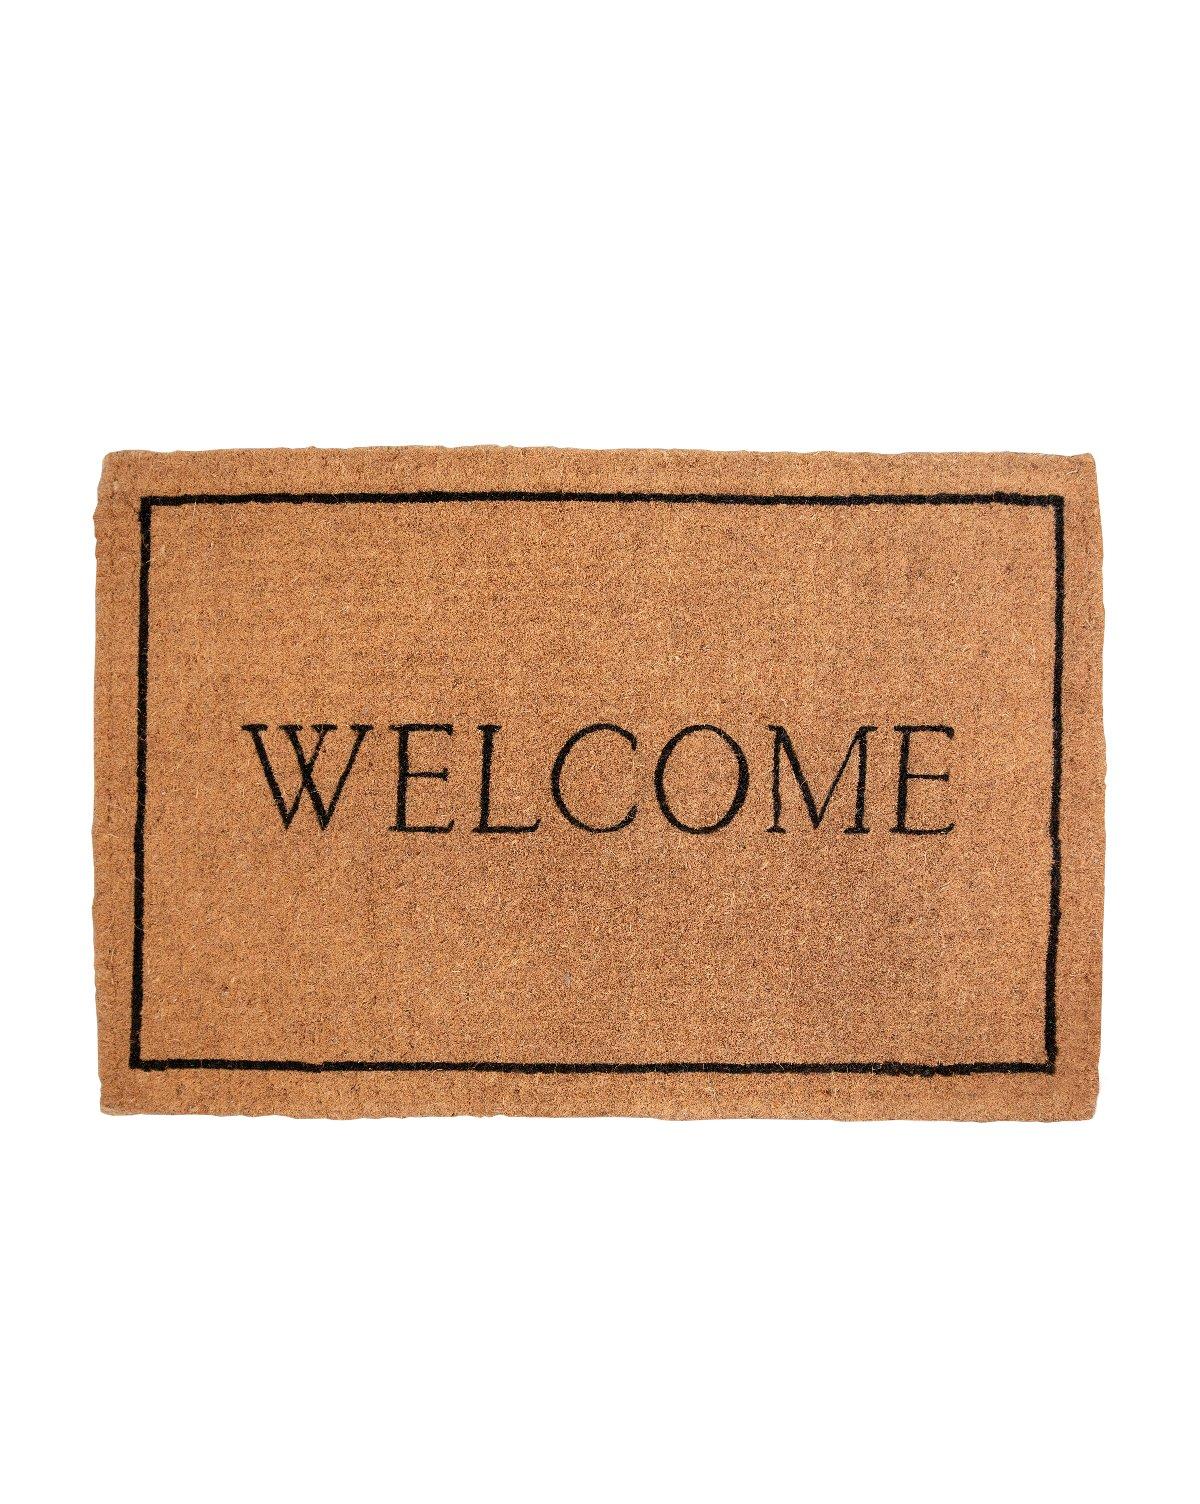 Welcome_Doormat_1_3fd604eb-6ecf-4863-a934-e0de0b2dffdb.jpg